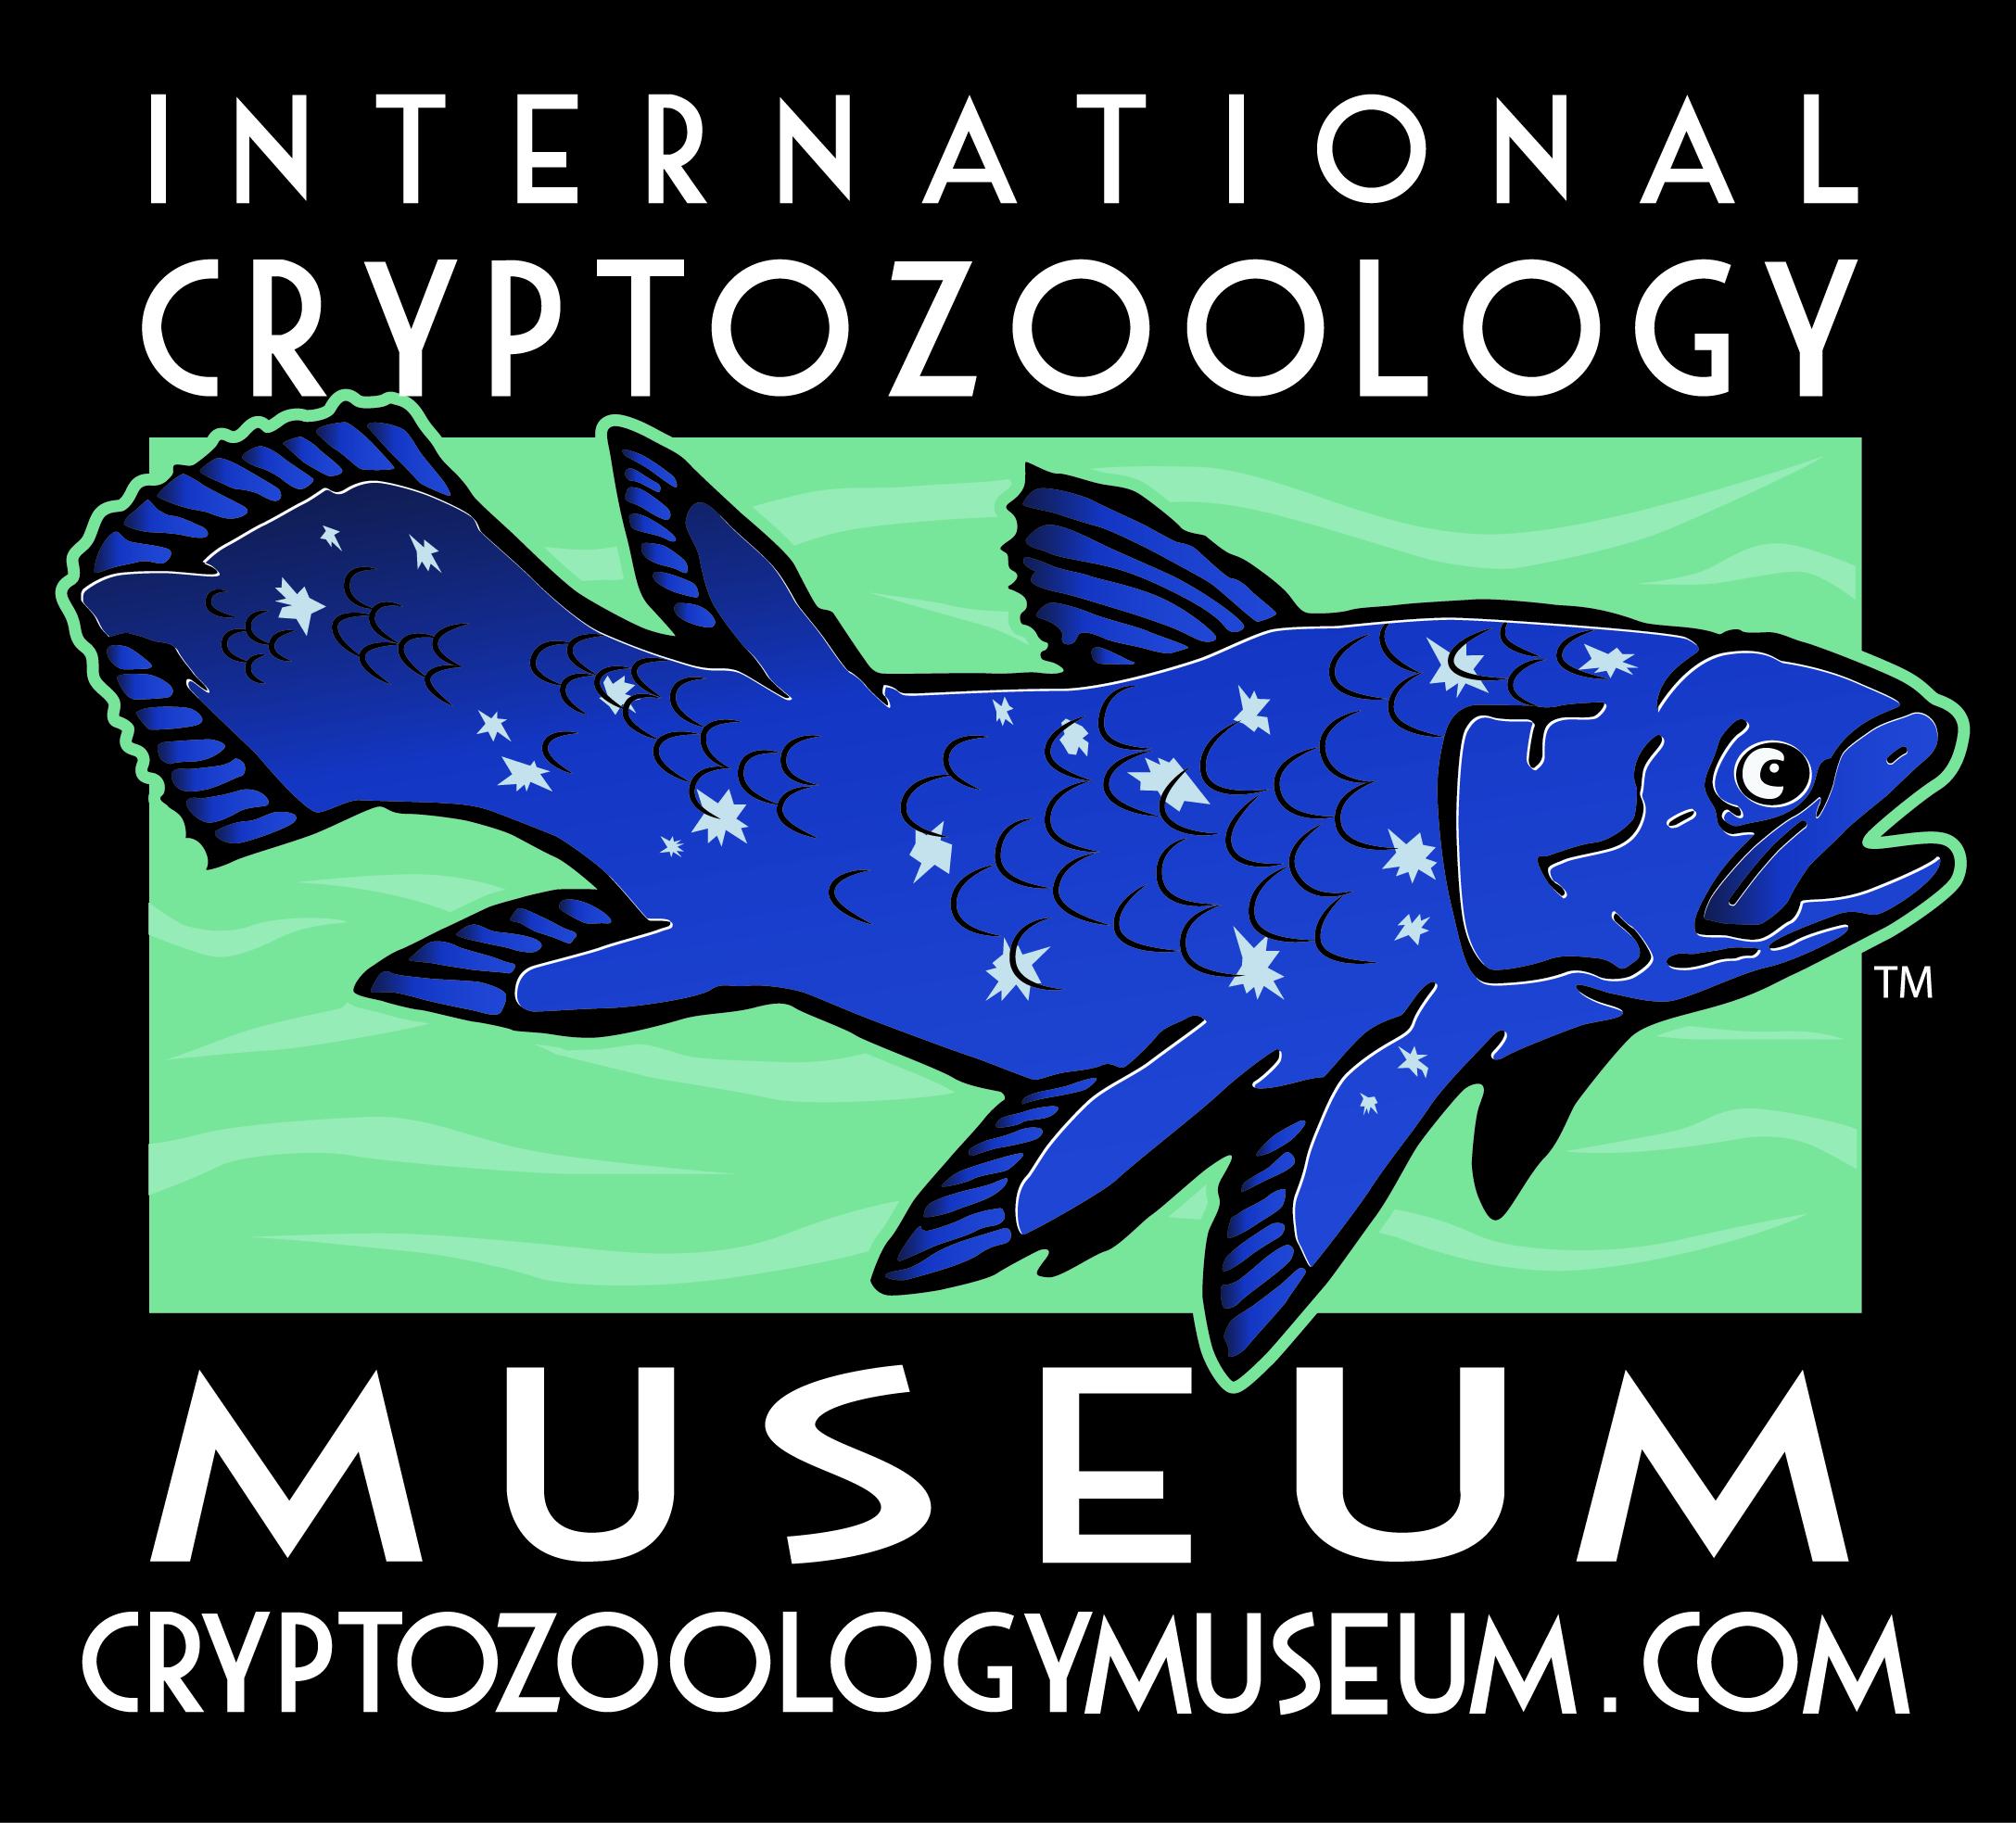 International Cryptozoology Museum